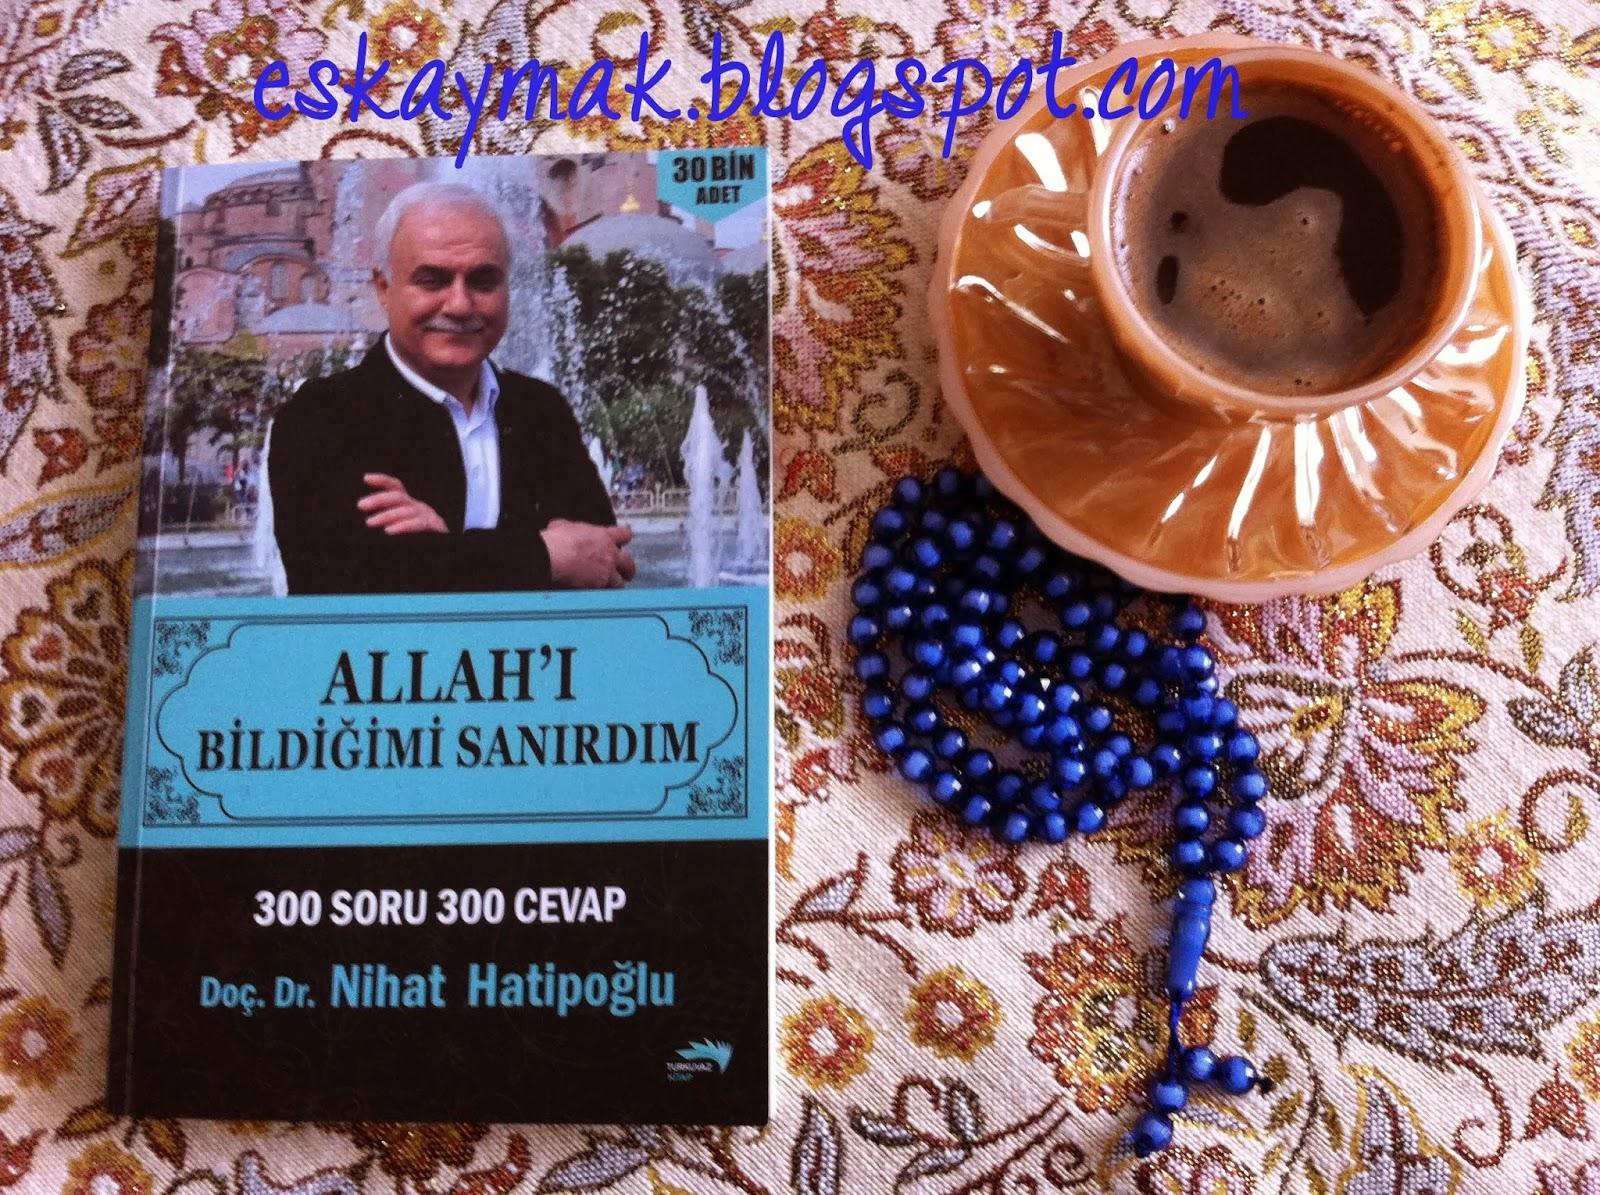 Nihat Hatipoğlu, Allah'ı Bildiğimi Sanırdım, 300 Soru 300 Cevap, Kitap OkuYorum,